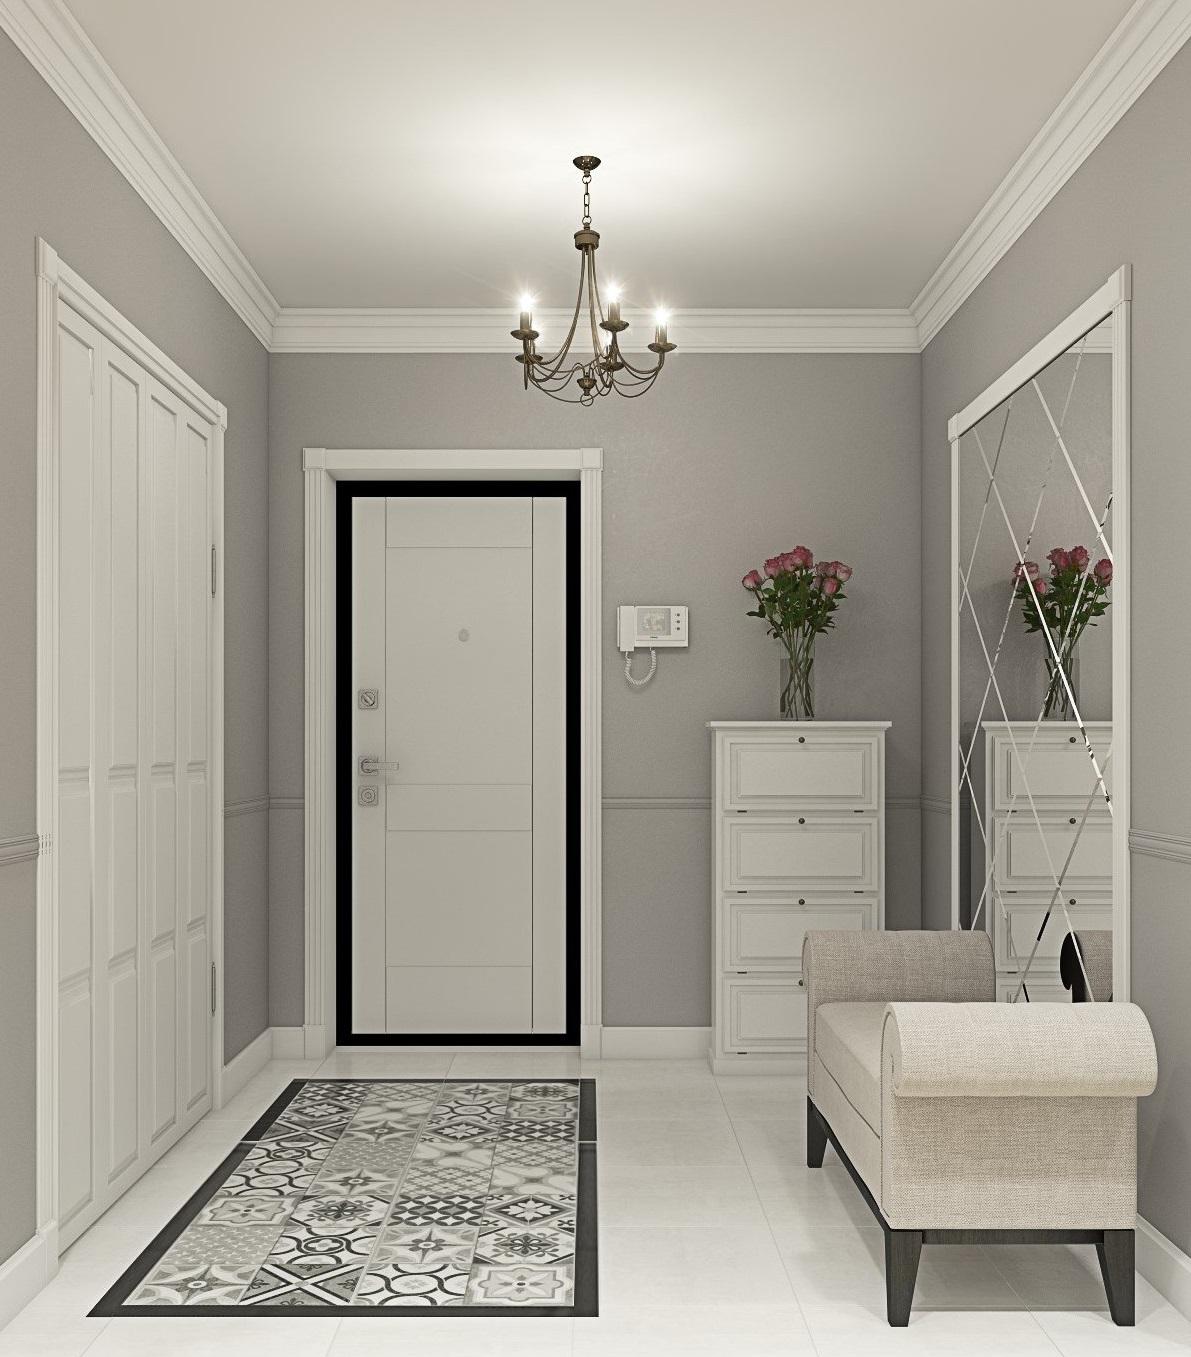 Вибір кольору для кожної кімнати